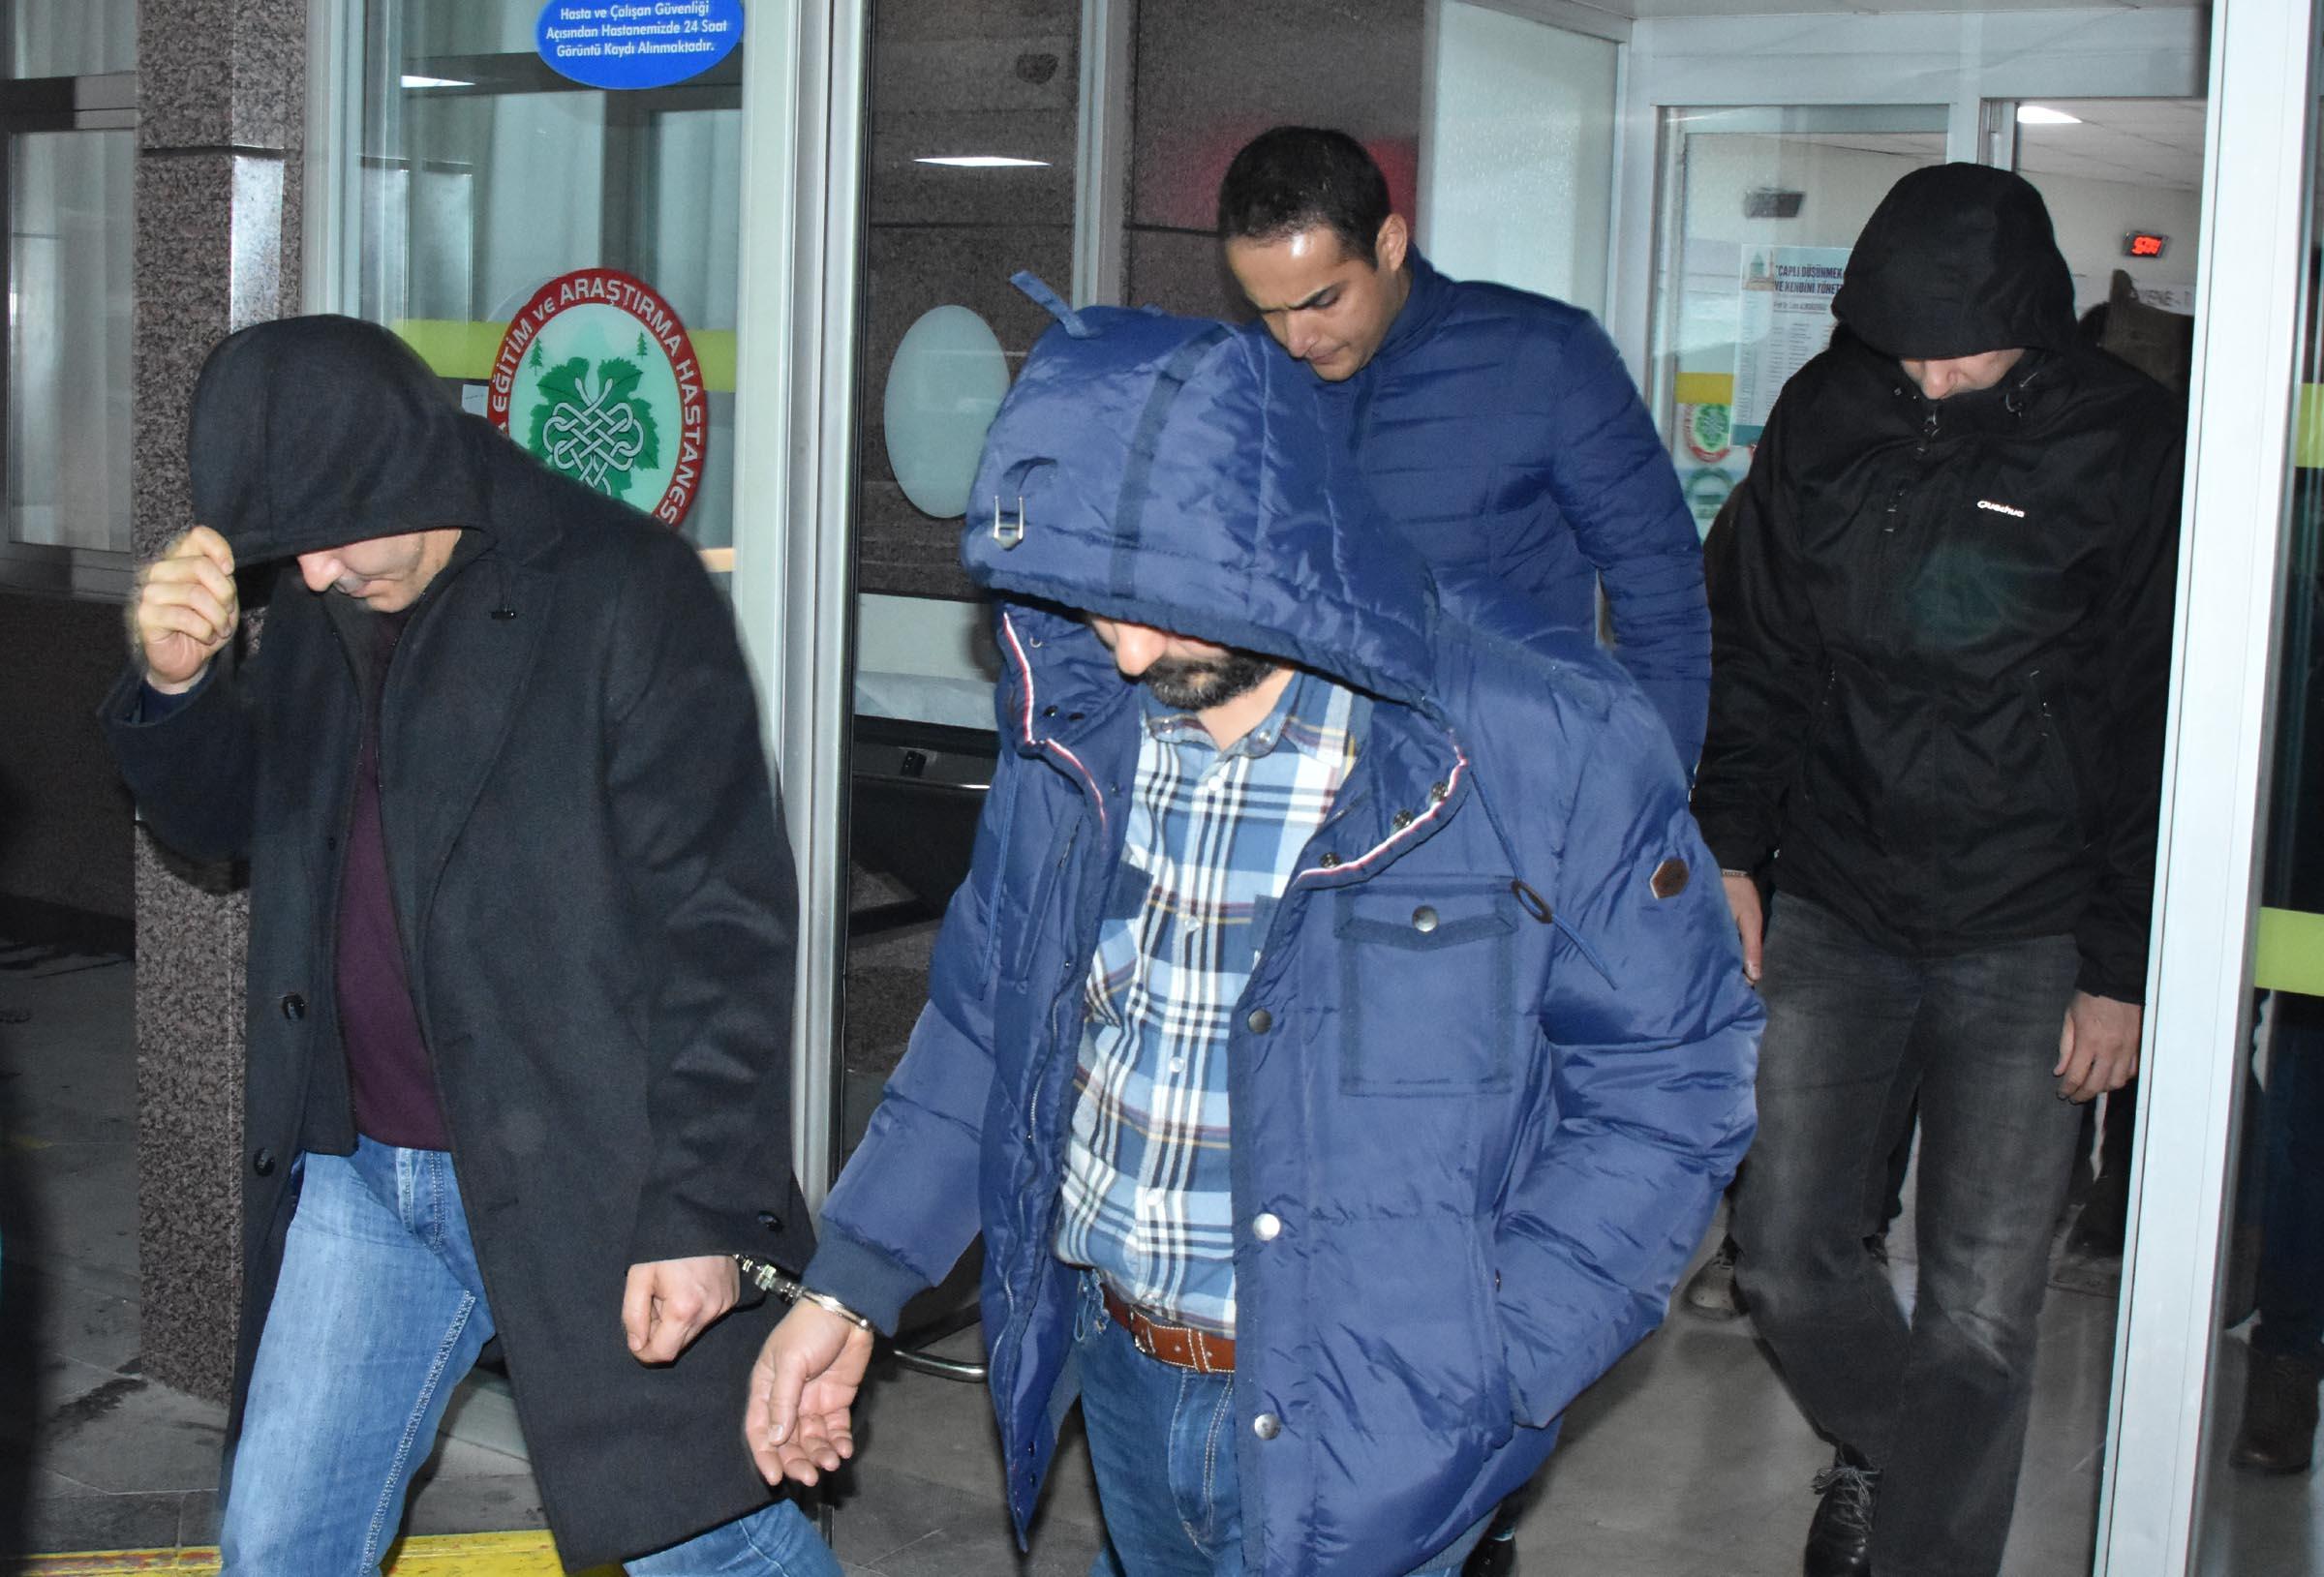 FETÖ operasyonlarında 12 şüpheli gözaltına alındı 19